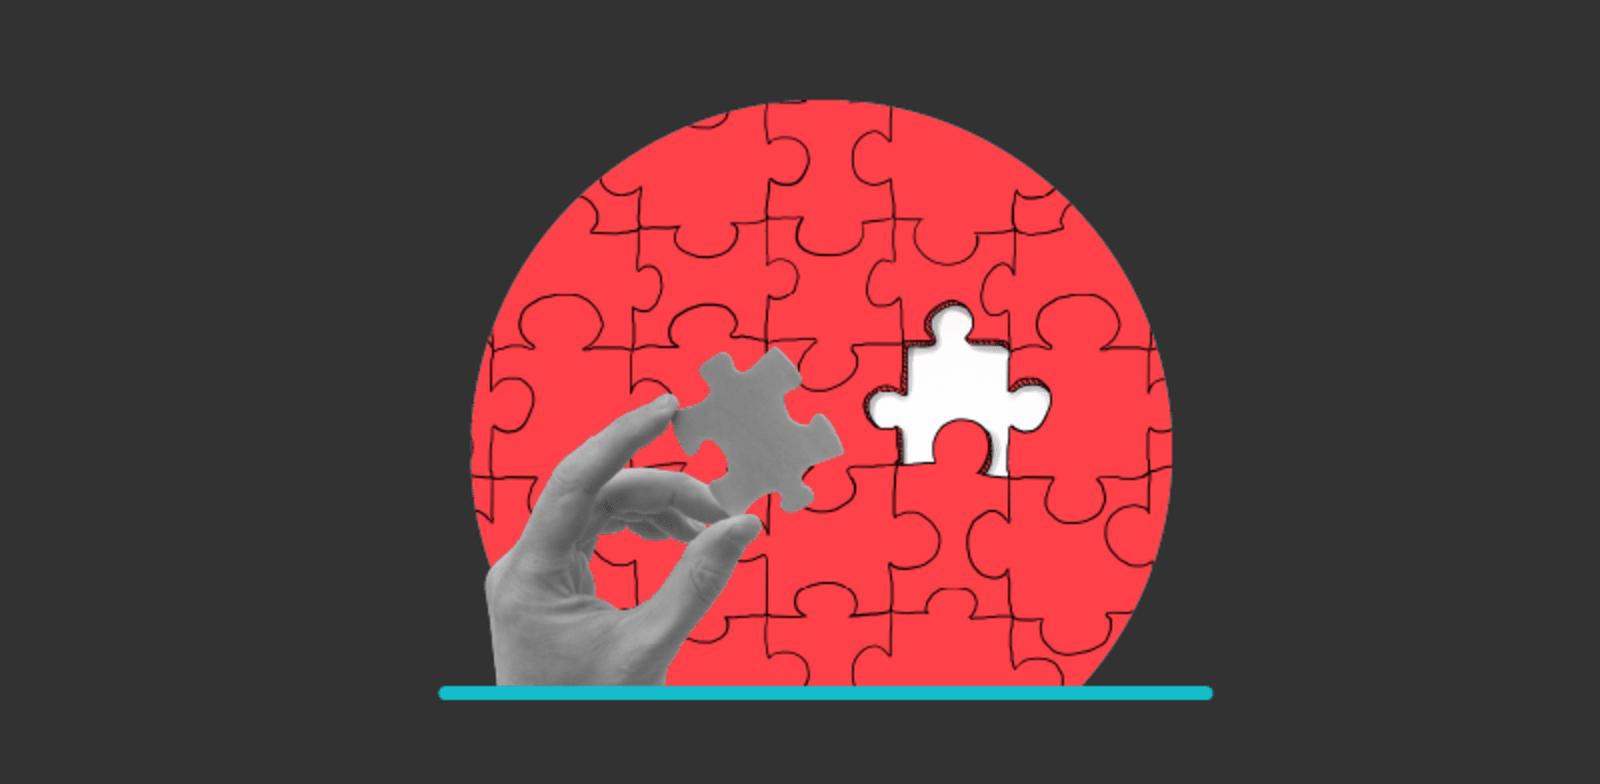 איך לשלב עובד עם צרכים מיוחדים? / צילום: Shutterstock